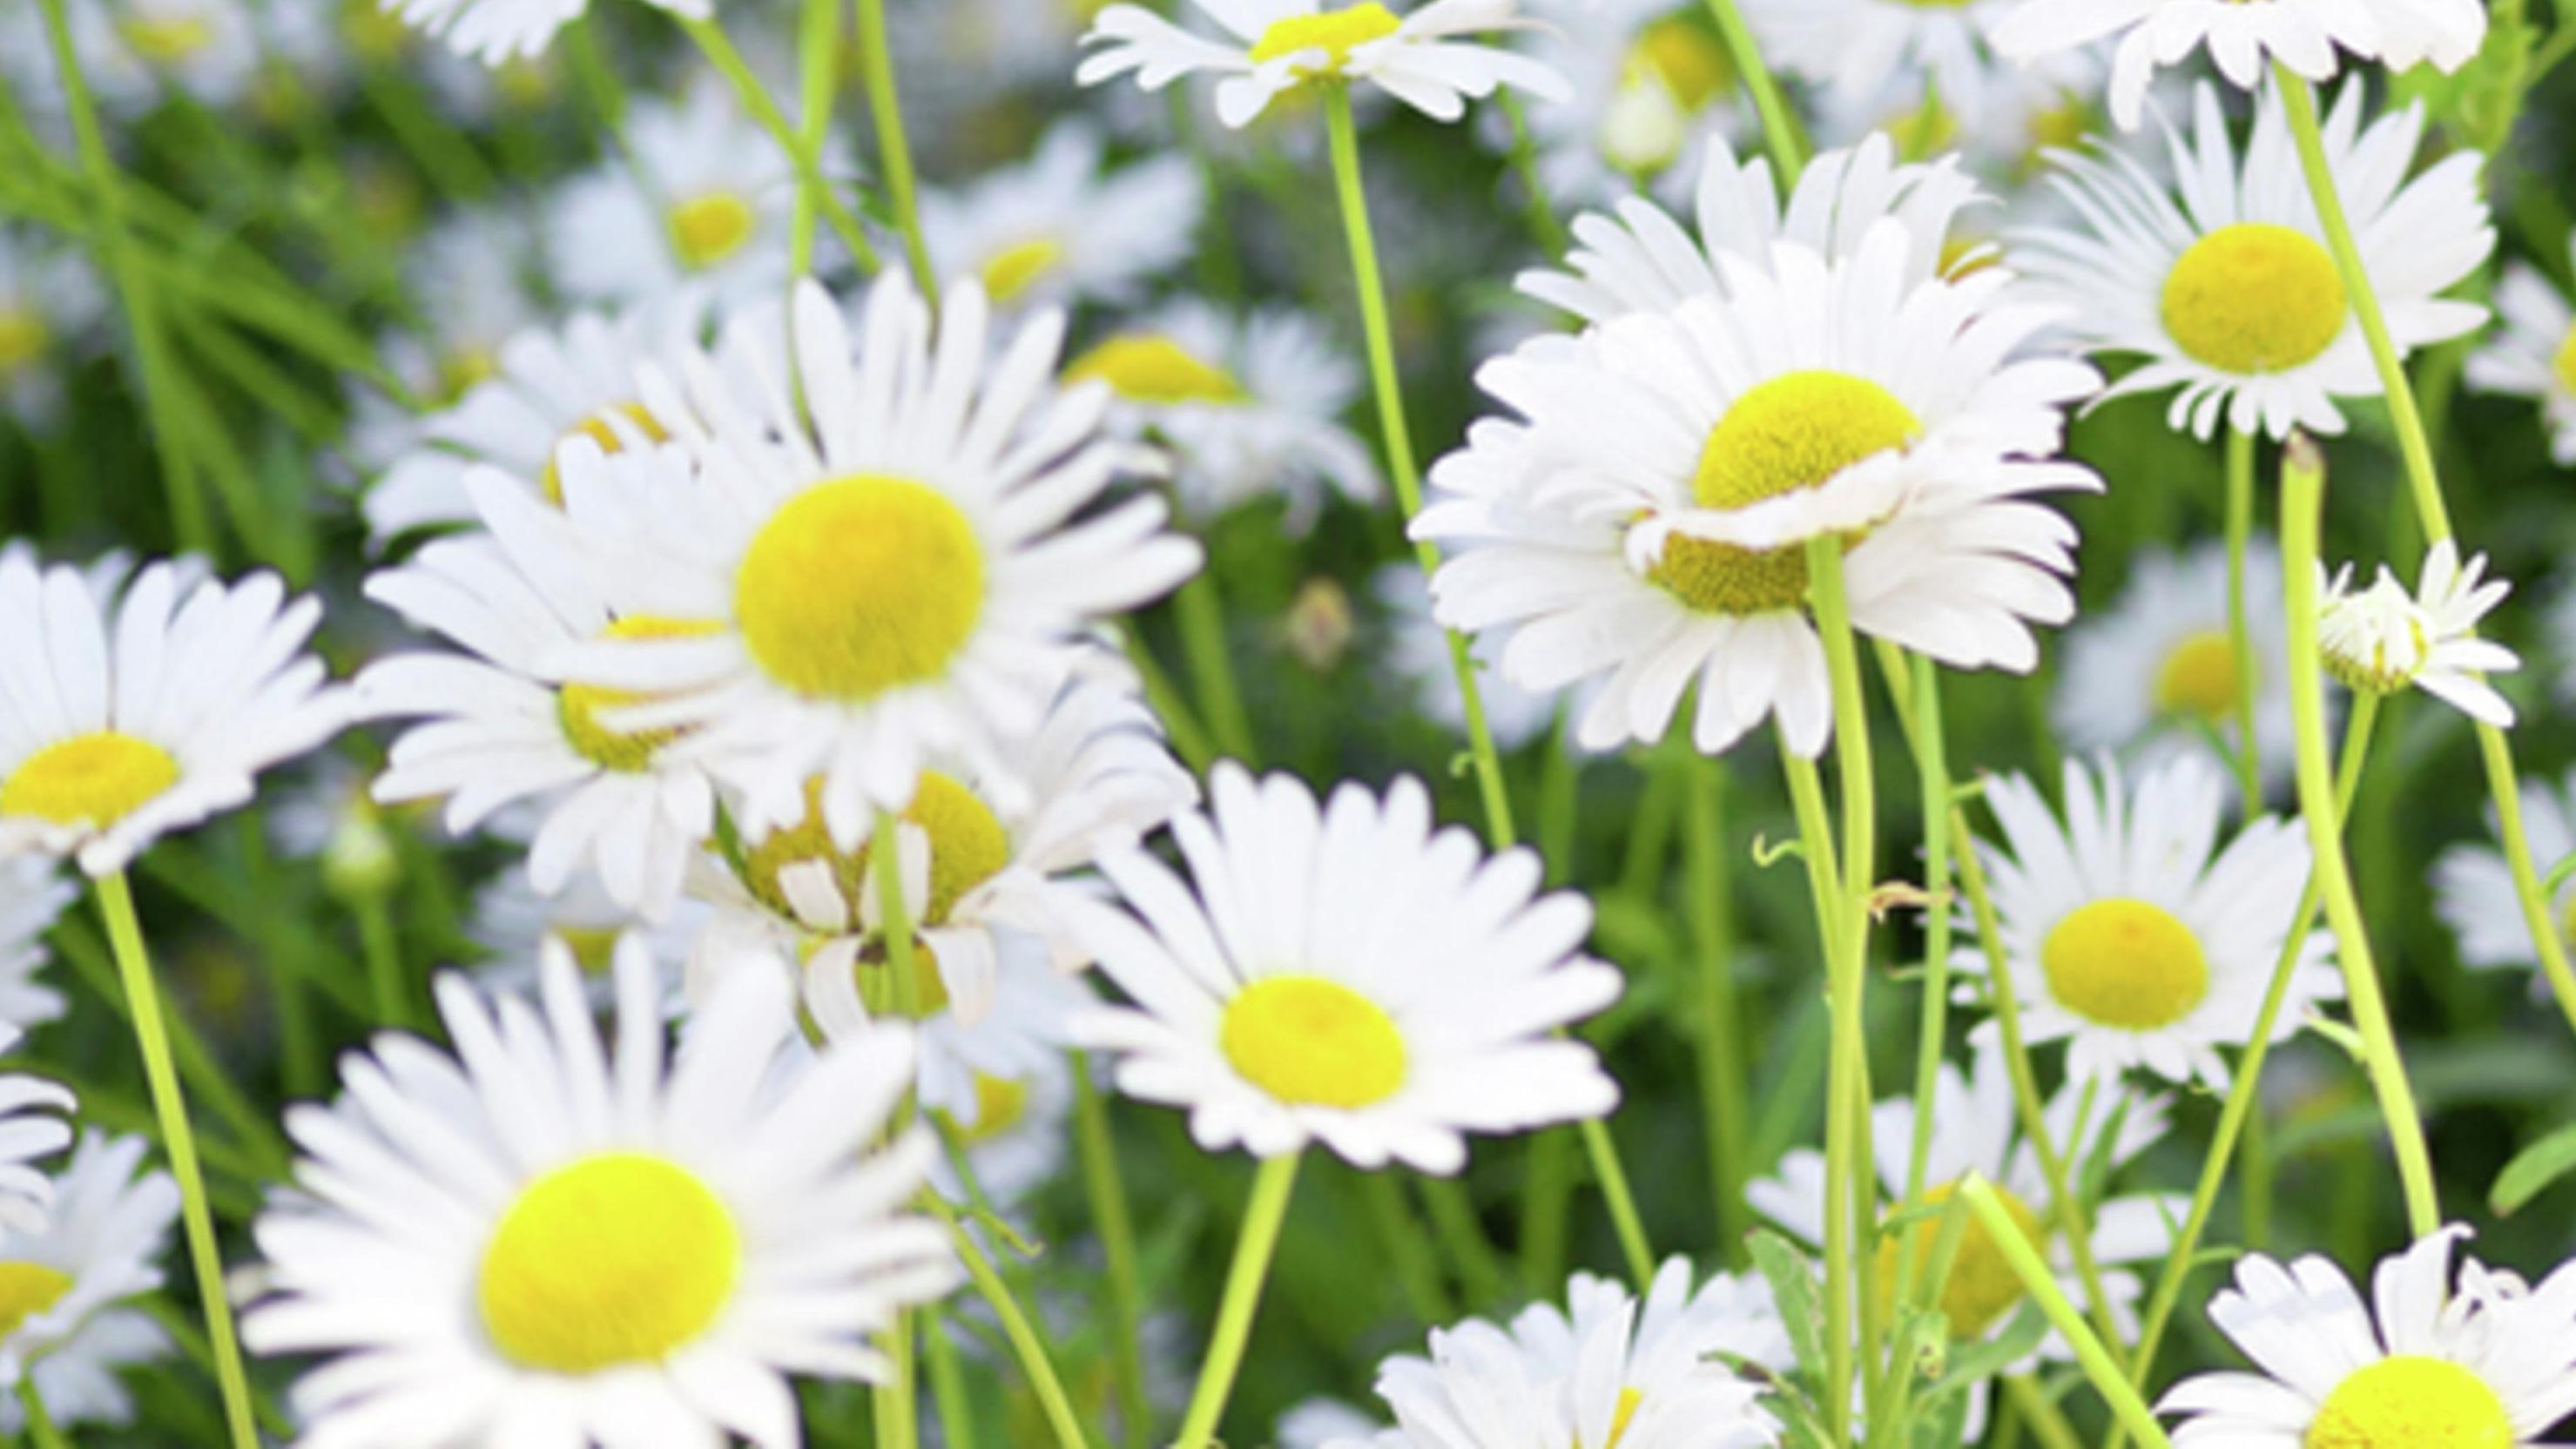 close up of a daisy